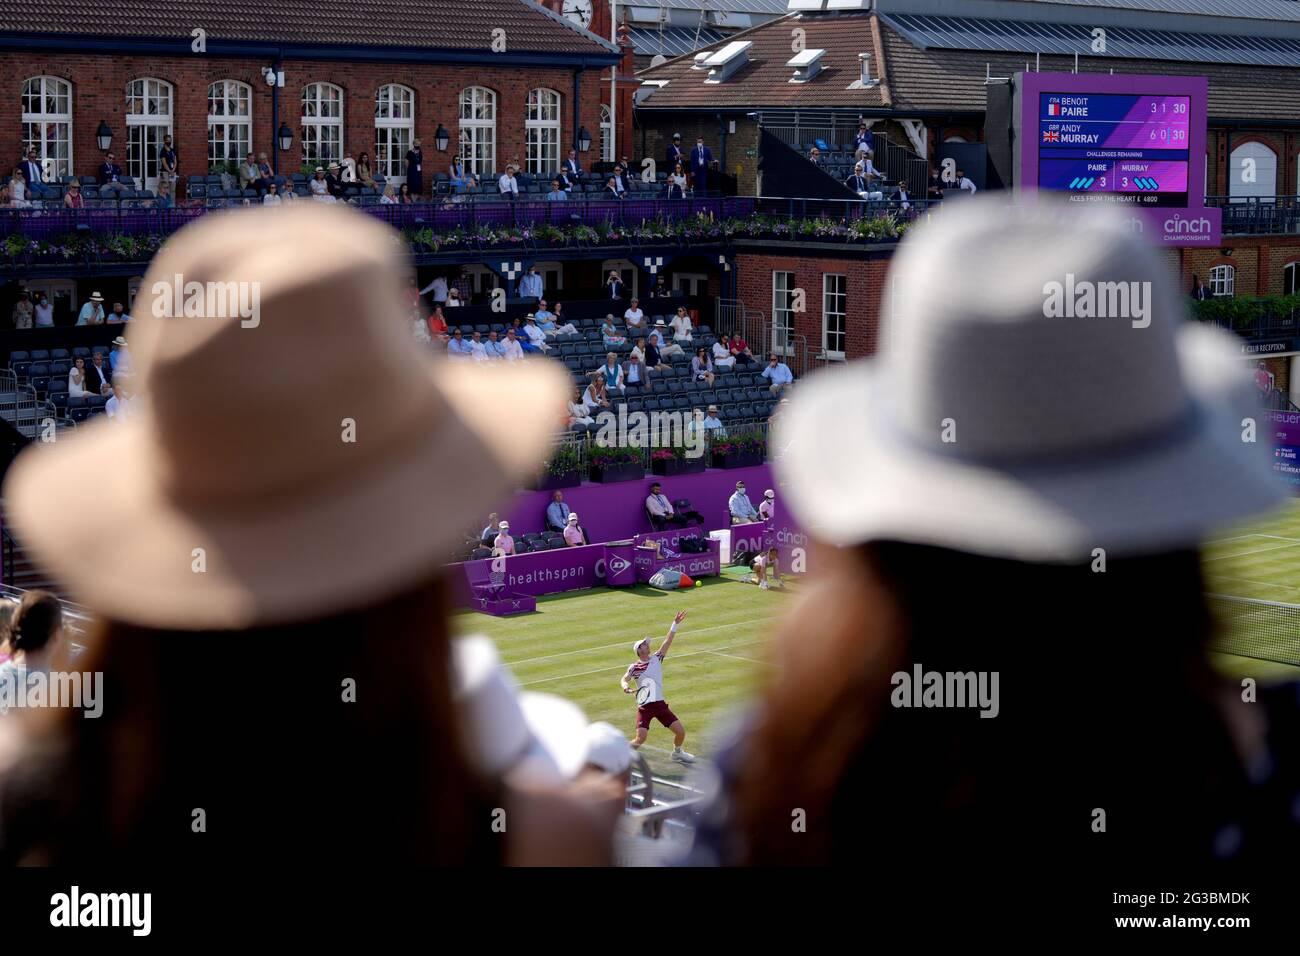 La folla guarda Andy Murray in azione contro Benoit Paire durante il secondo giorno dei Campionati Cinch al Queen's Club di Londra. Data immagine: Martedì 15 giugno 2021. Foto Stock